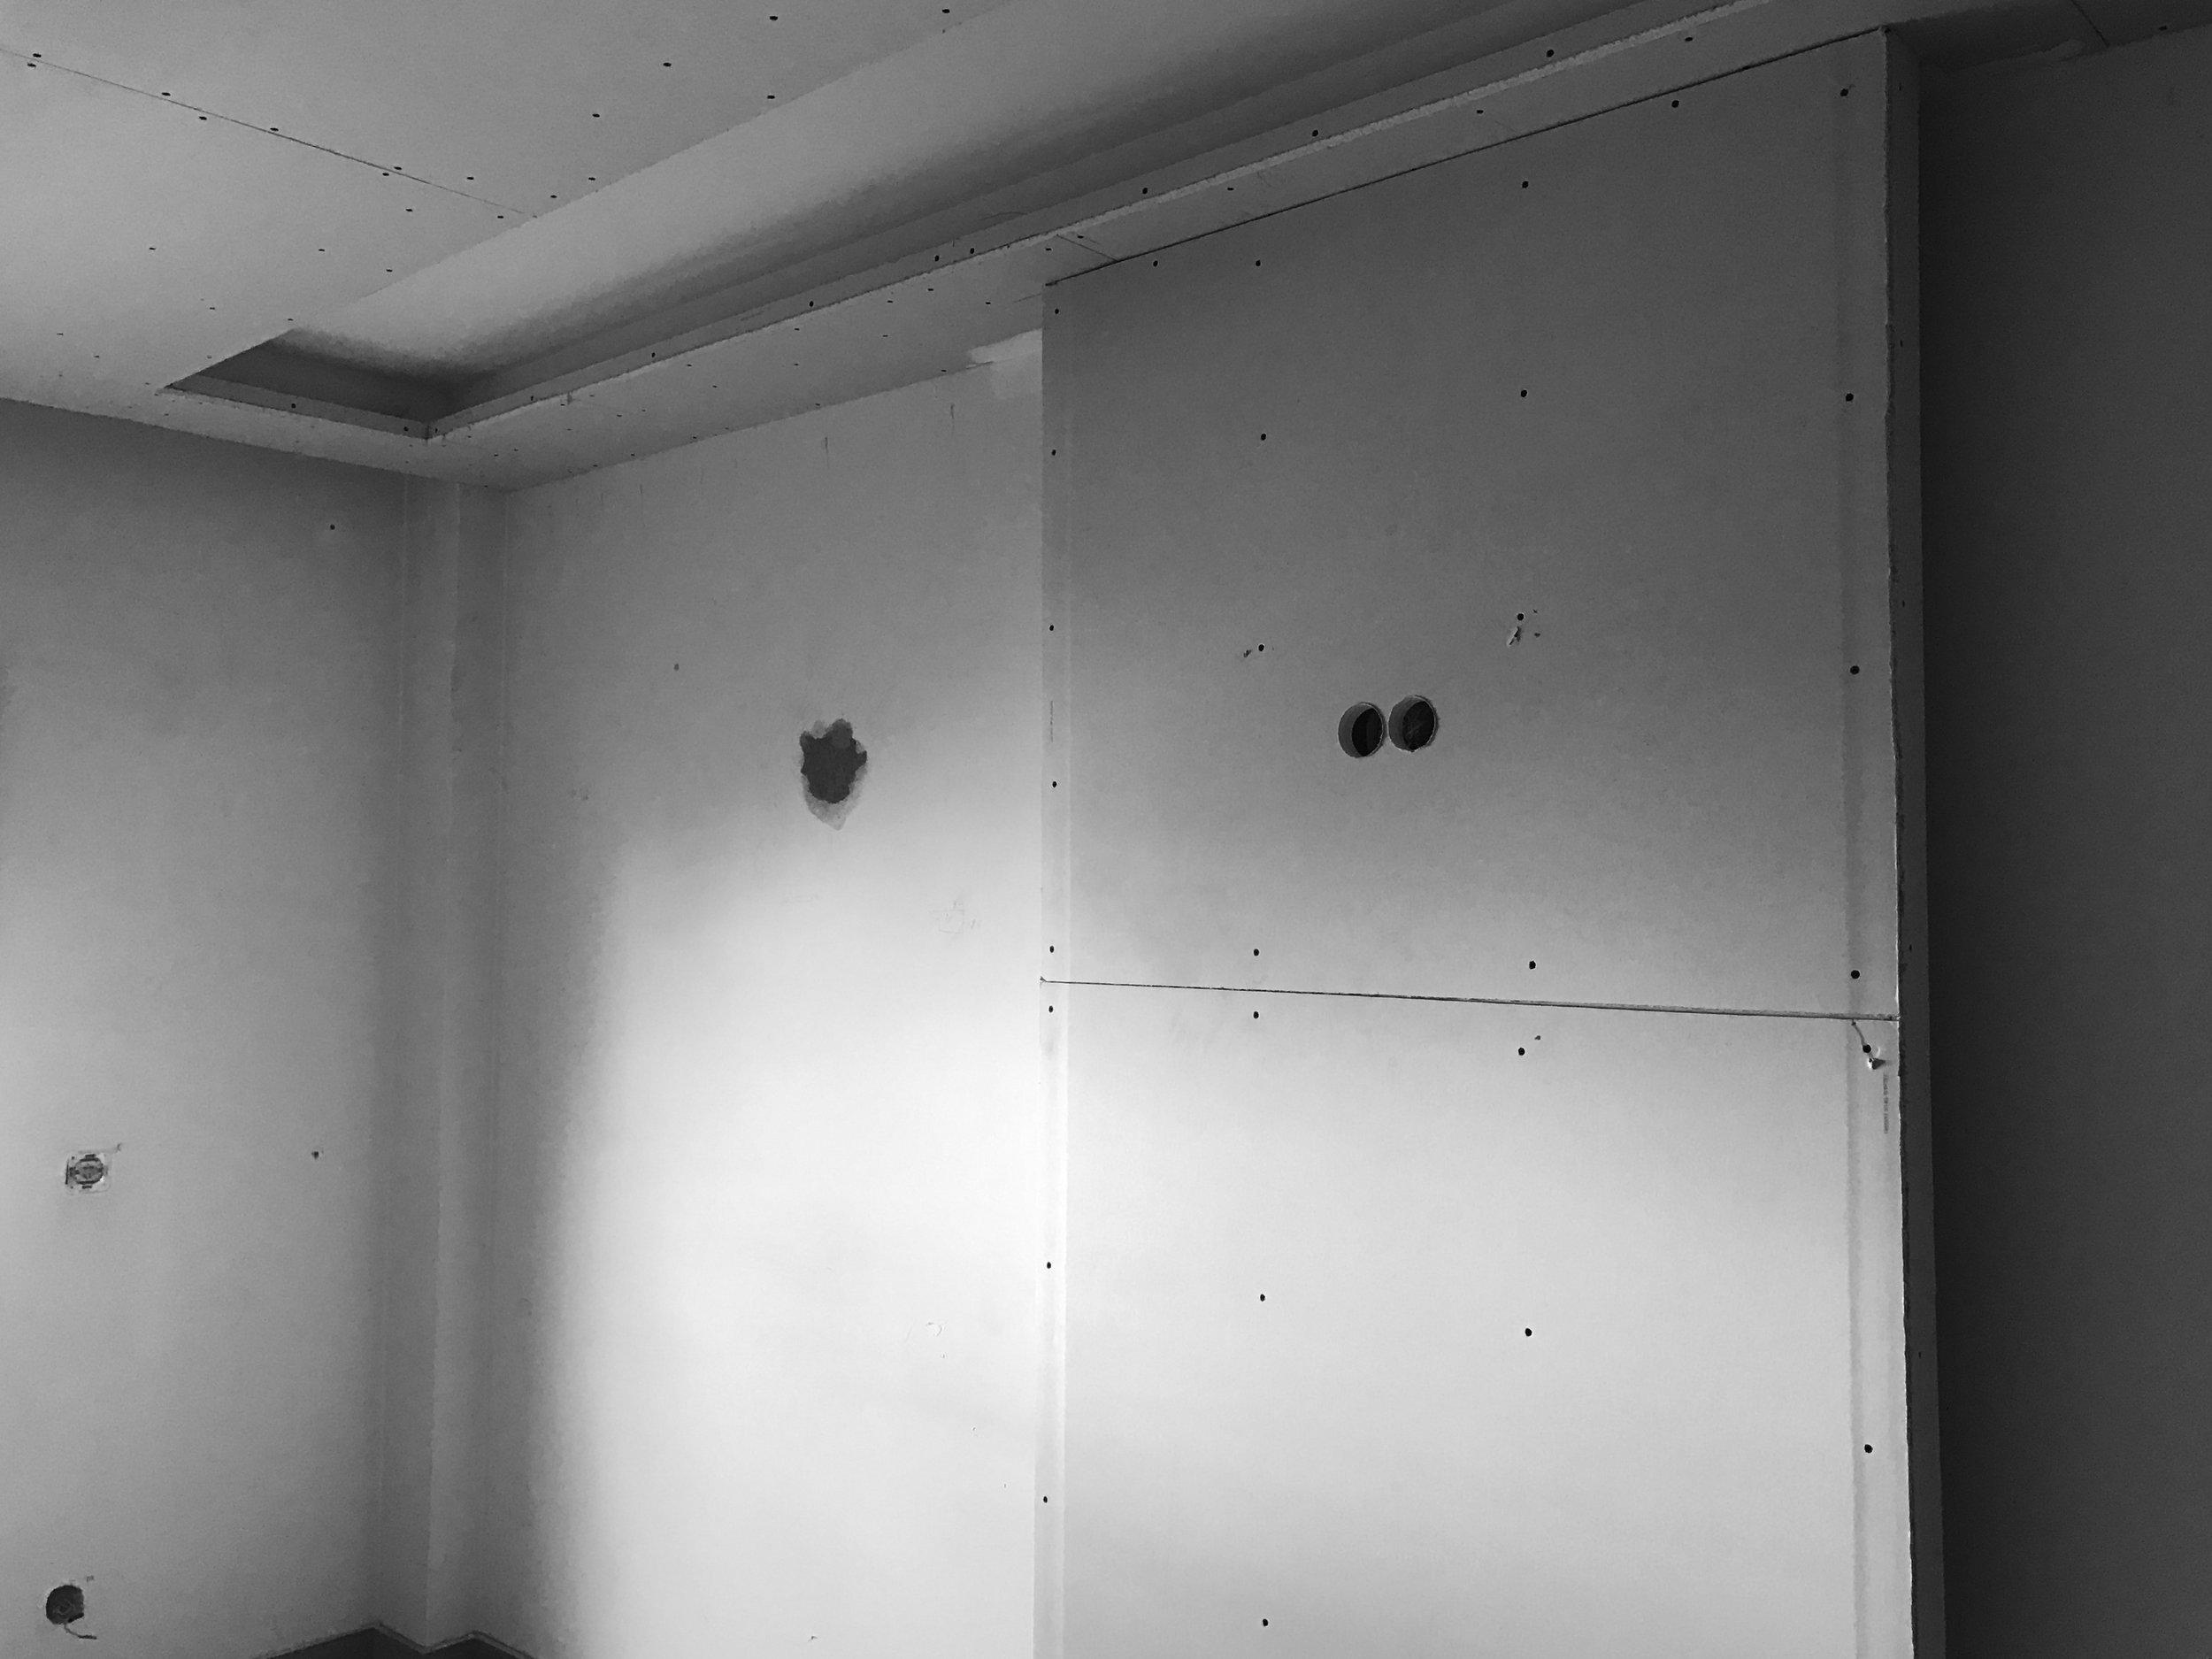 Apartamento Azul Farol - Porto - EVA evolutionary architecture - EVA atelier - Arquitecto - Remodelação (5).jpg